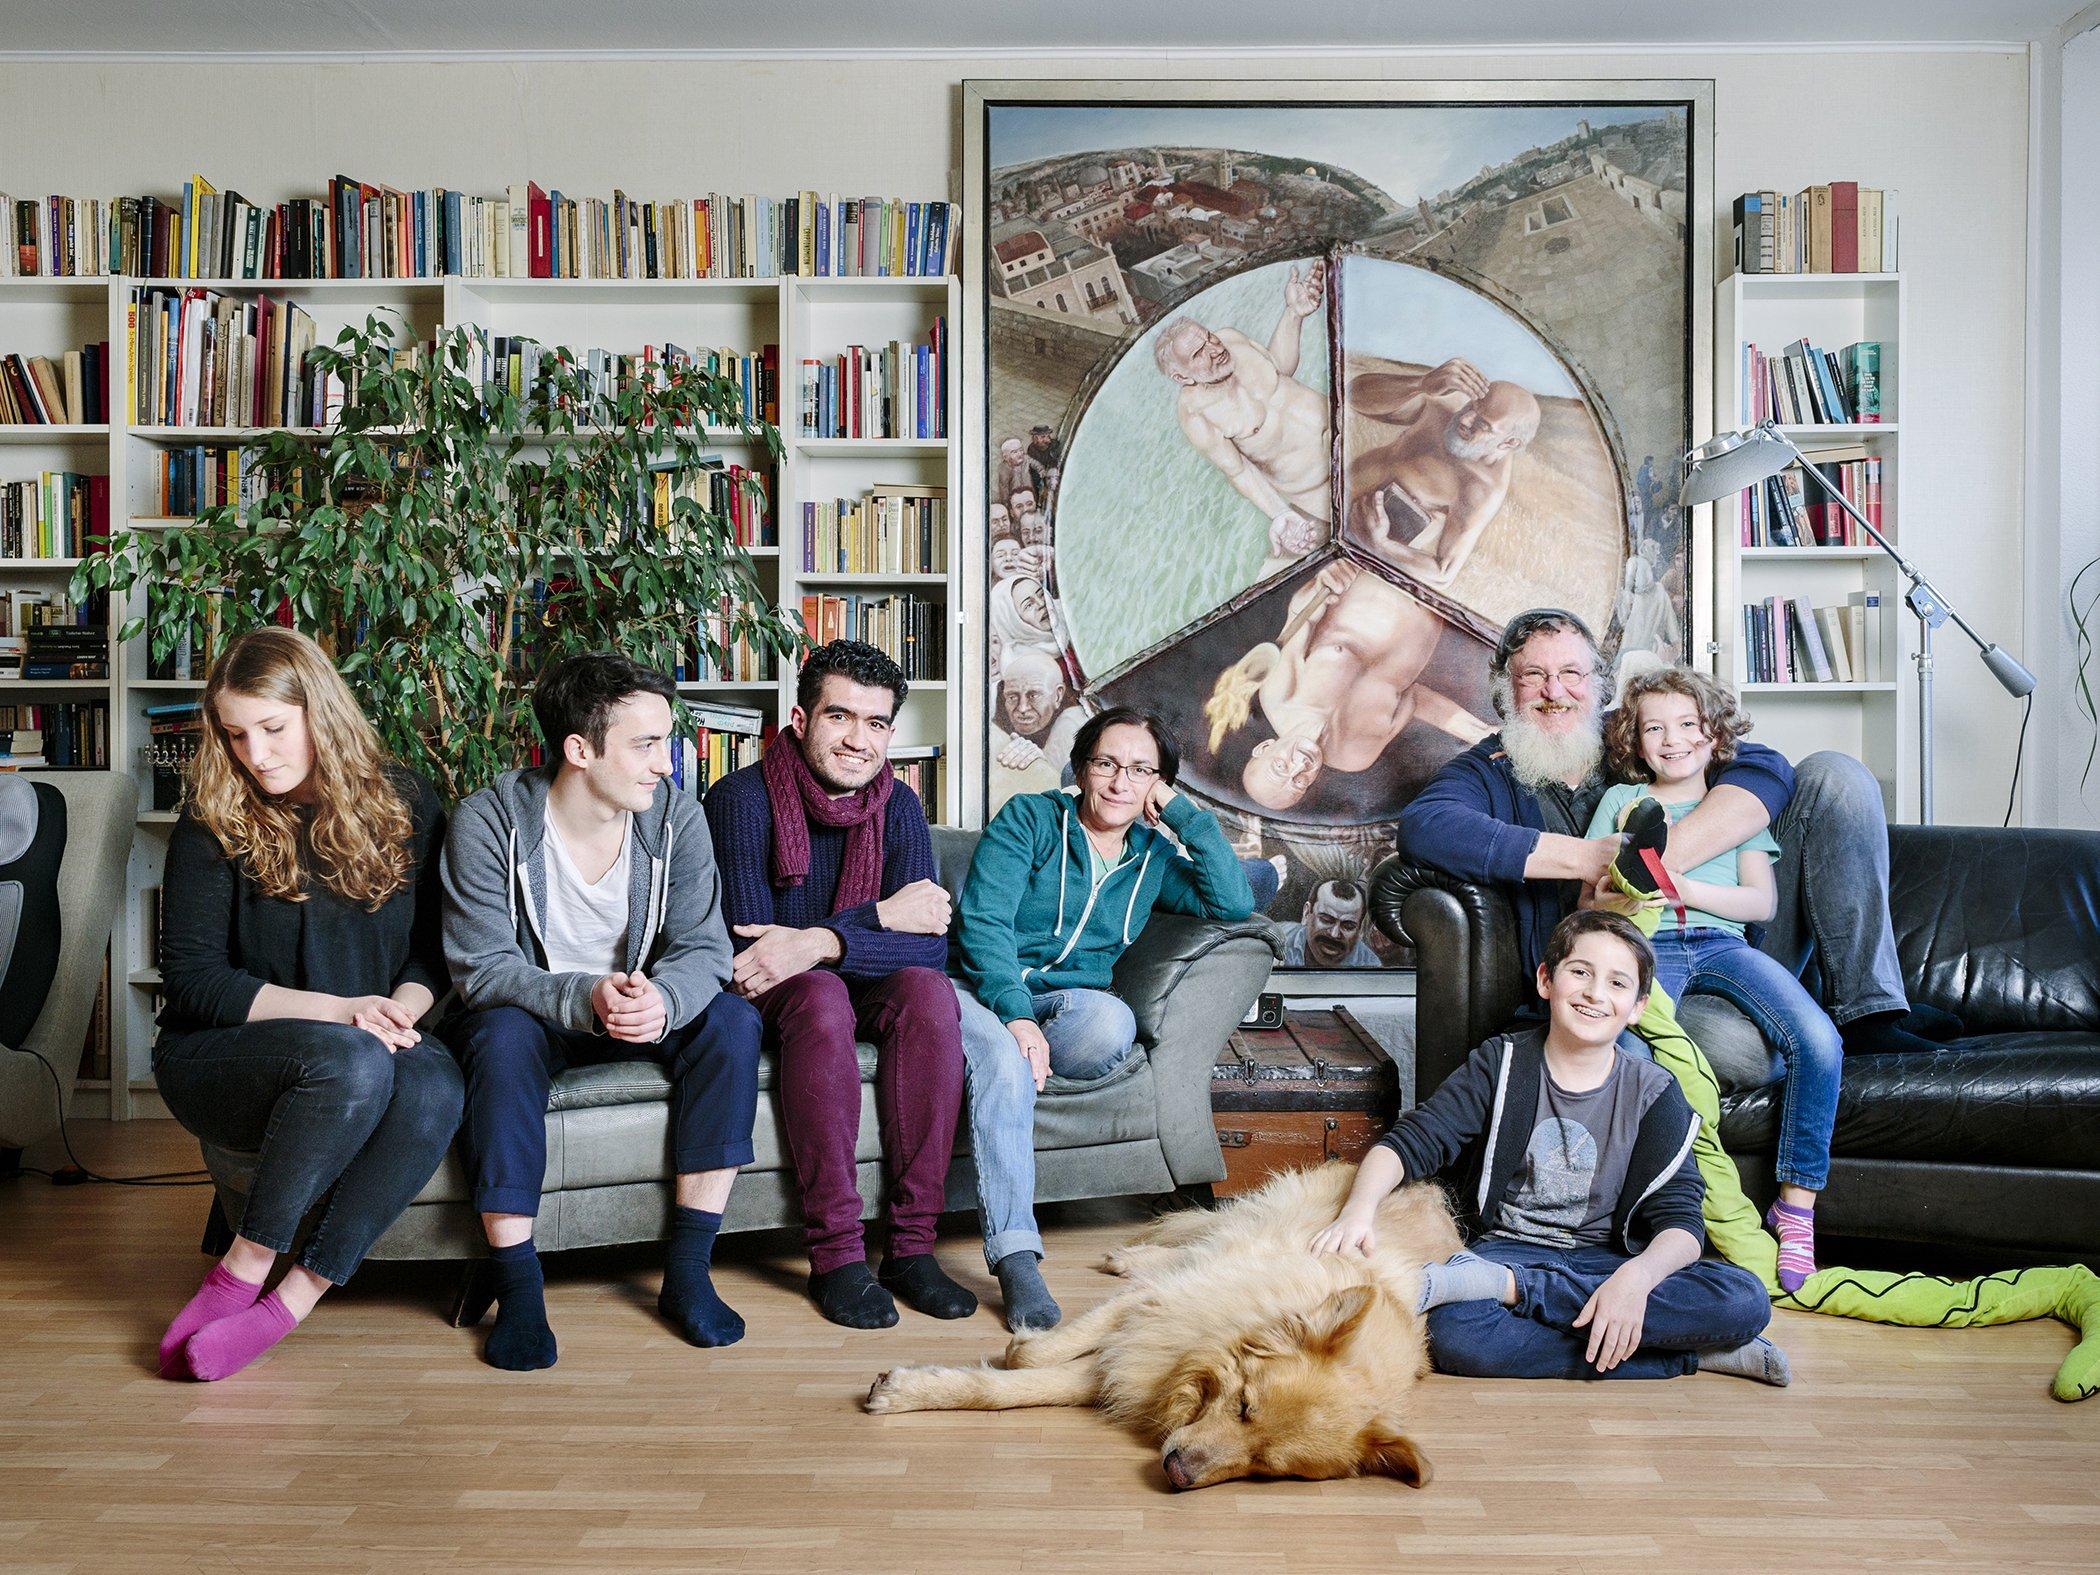 familien-nehmen-fluechtlinge-auf-aubrey_wade_panos-pictures_no-stranger-place-2.jpg